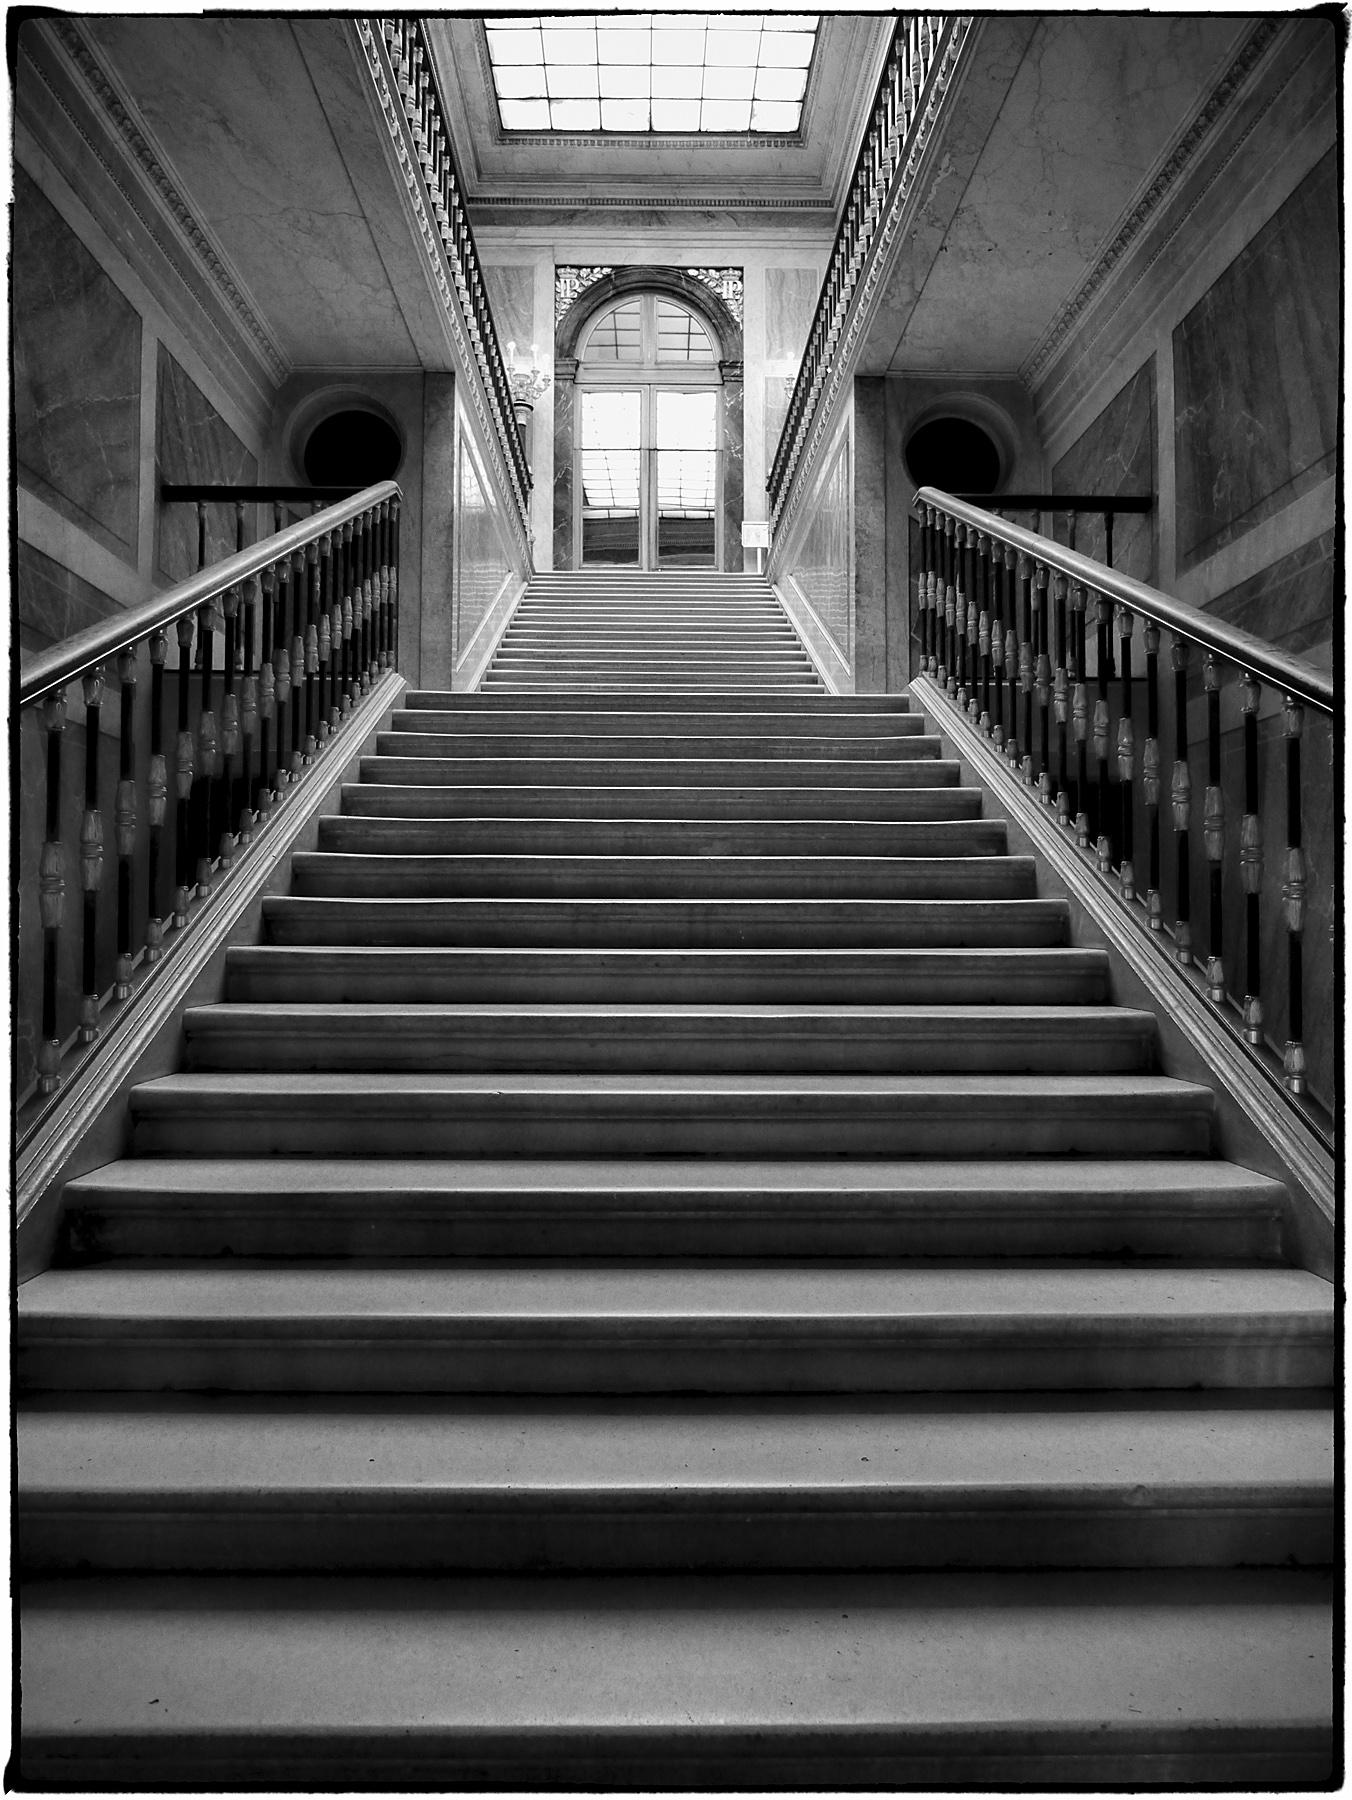 Versailles Staircase by bensonga in bensonga